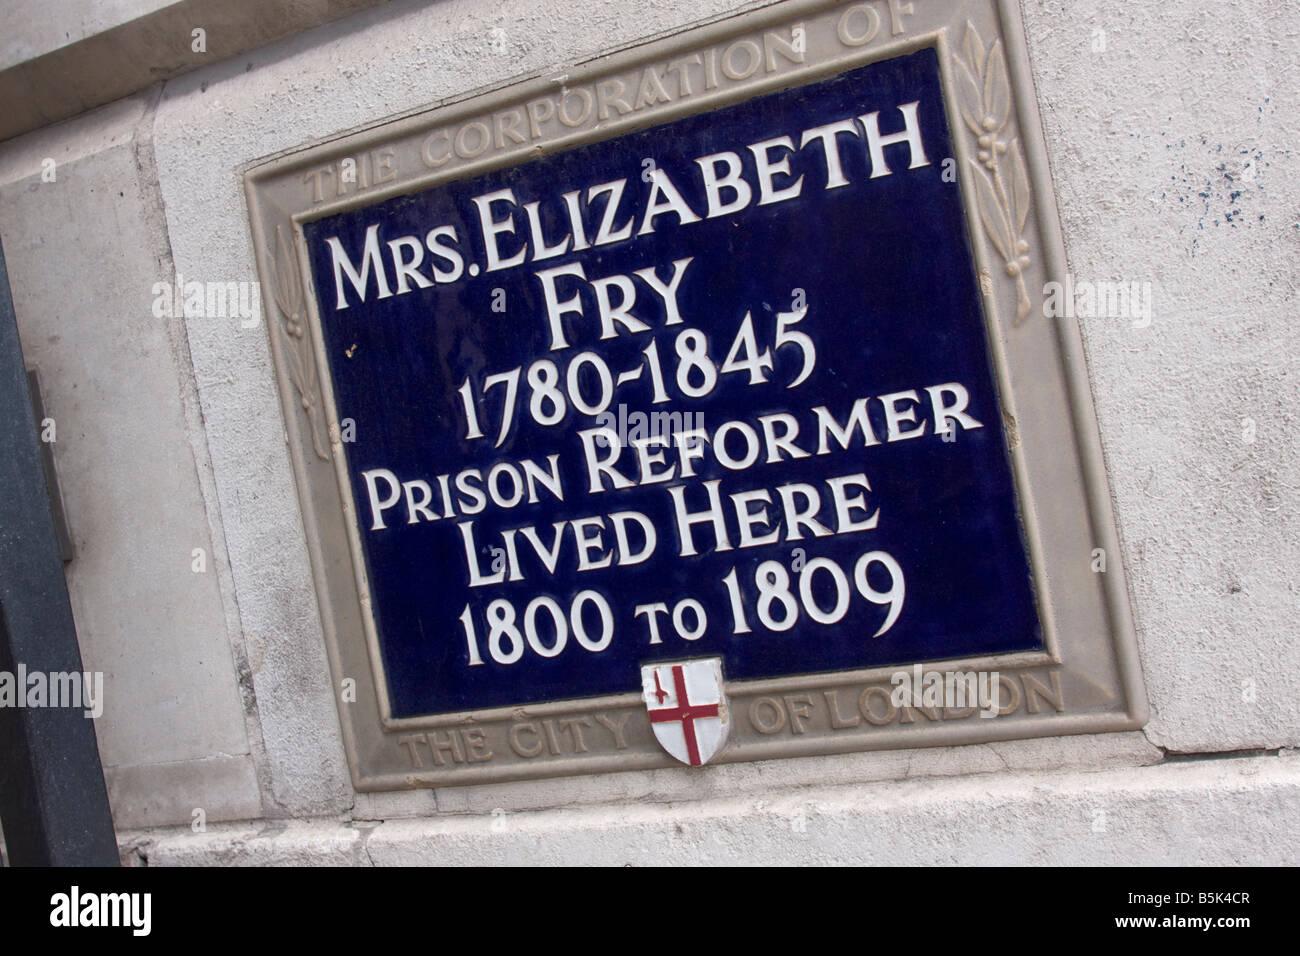 Mrs Elizabeth Fry 1780-1845 Prison Reformer Lived Here 1800-1809 City of London Blue Plaque - Stock Image